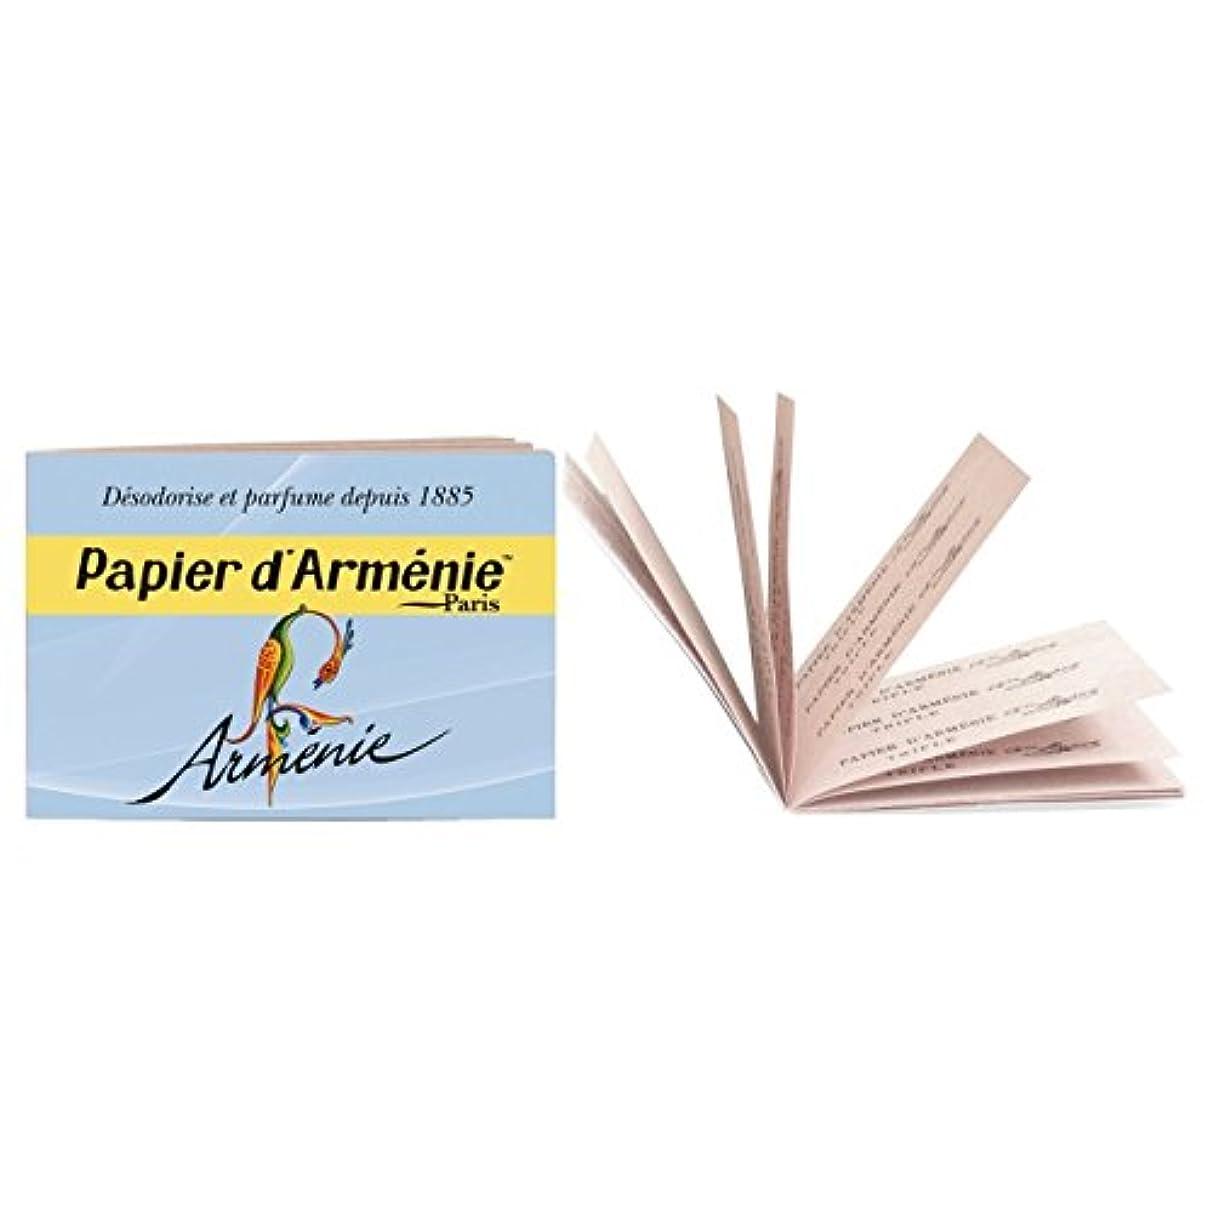 横向き歌手セグメントPapier d'Arménie パピエダルメニイ アルメニイ 紙のお香 フランス直送 [並行輸入品]